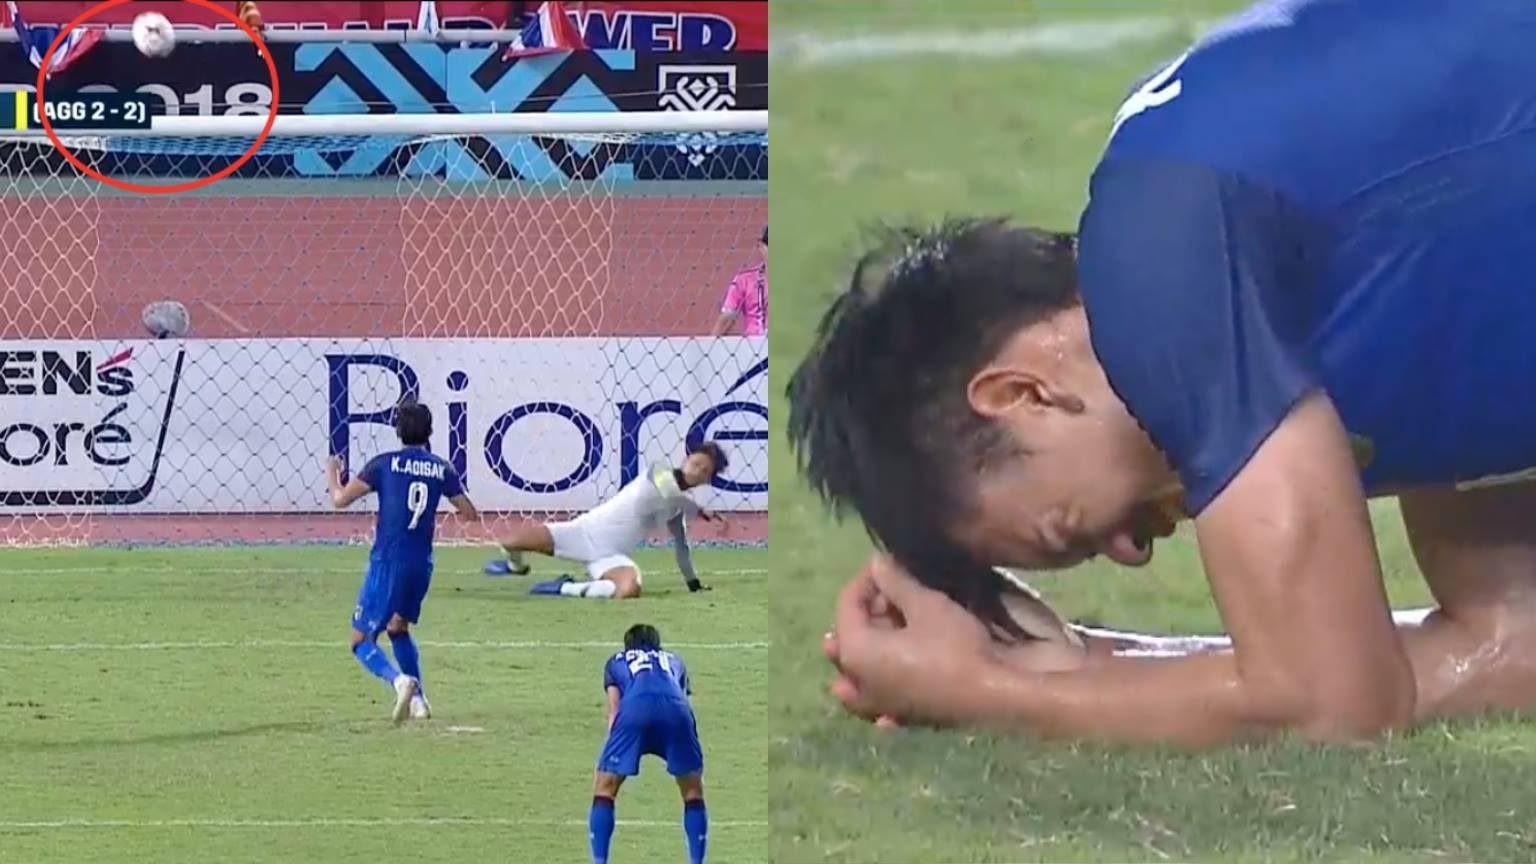 Ở những giây bù giờ cuối cùng, Thái Lan được hưởng quả phạt đền sau khi hậu vệ Malaysia dùng tay cản bóng trong khu cấm địa. Adisak Kraisorn lãnh trách nhiệm nặng nề và trước sức ép ngàn cân, anh đã đưa bóng đi lên trời, vứt đi cơ hội quý như vàng để đưa Thái Lan vào chung kết.